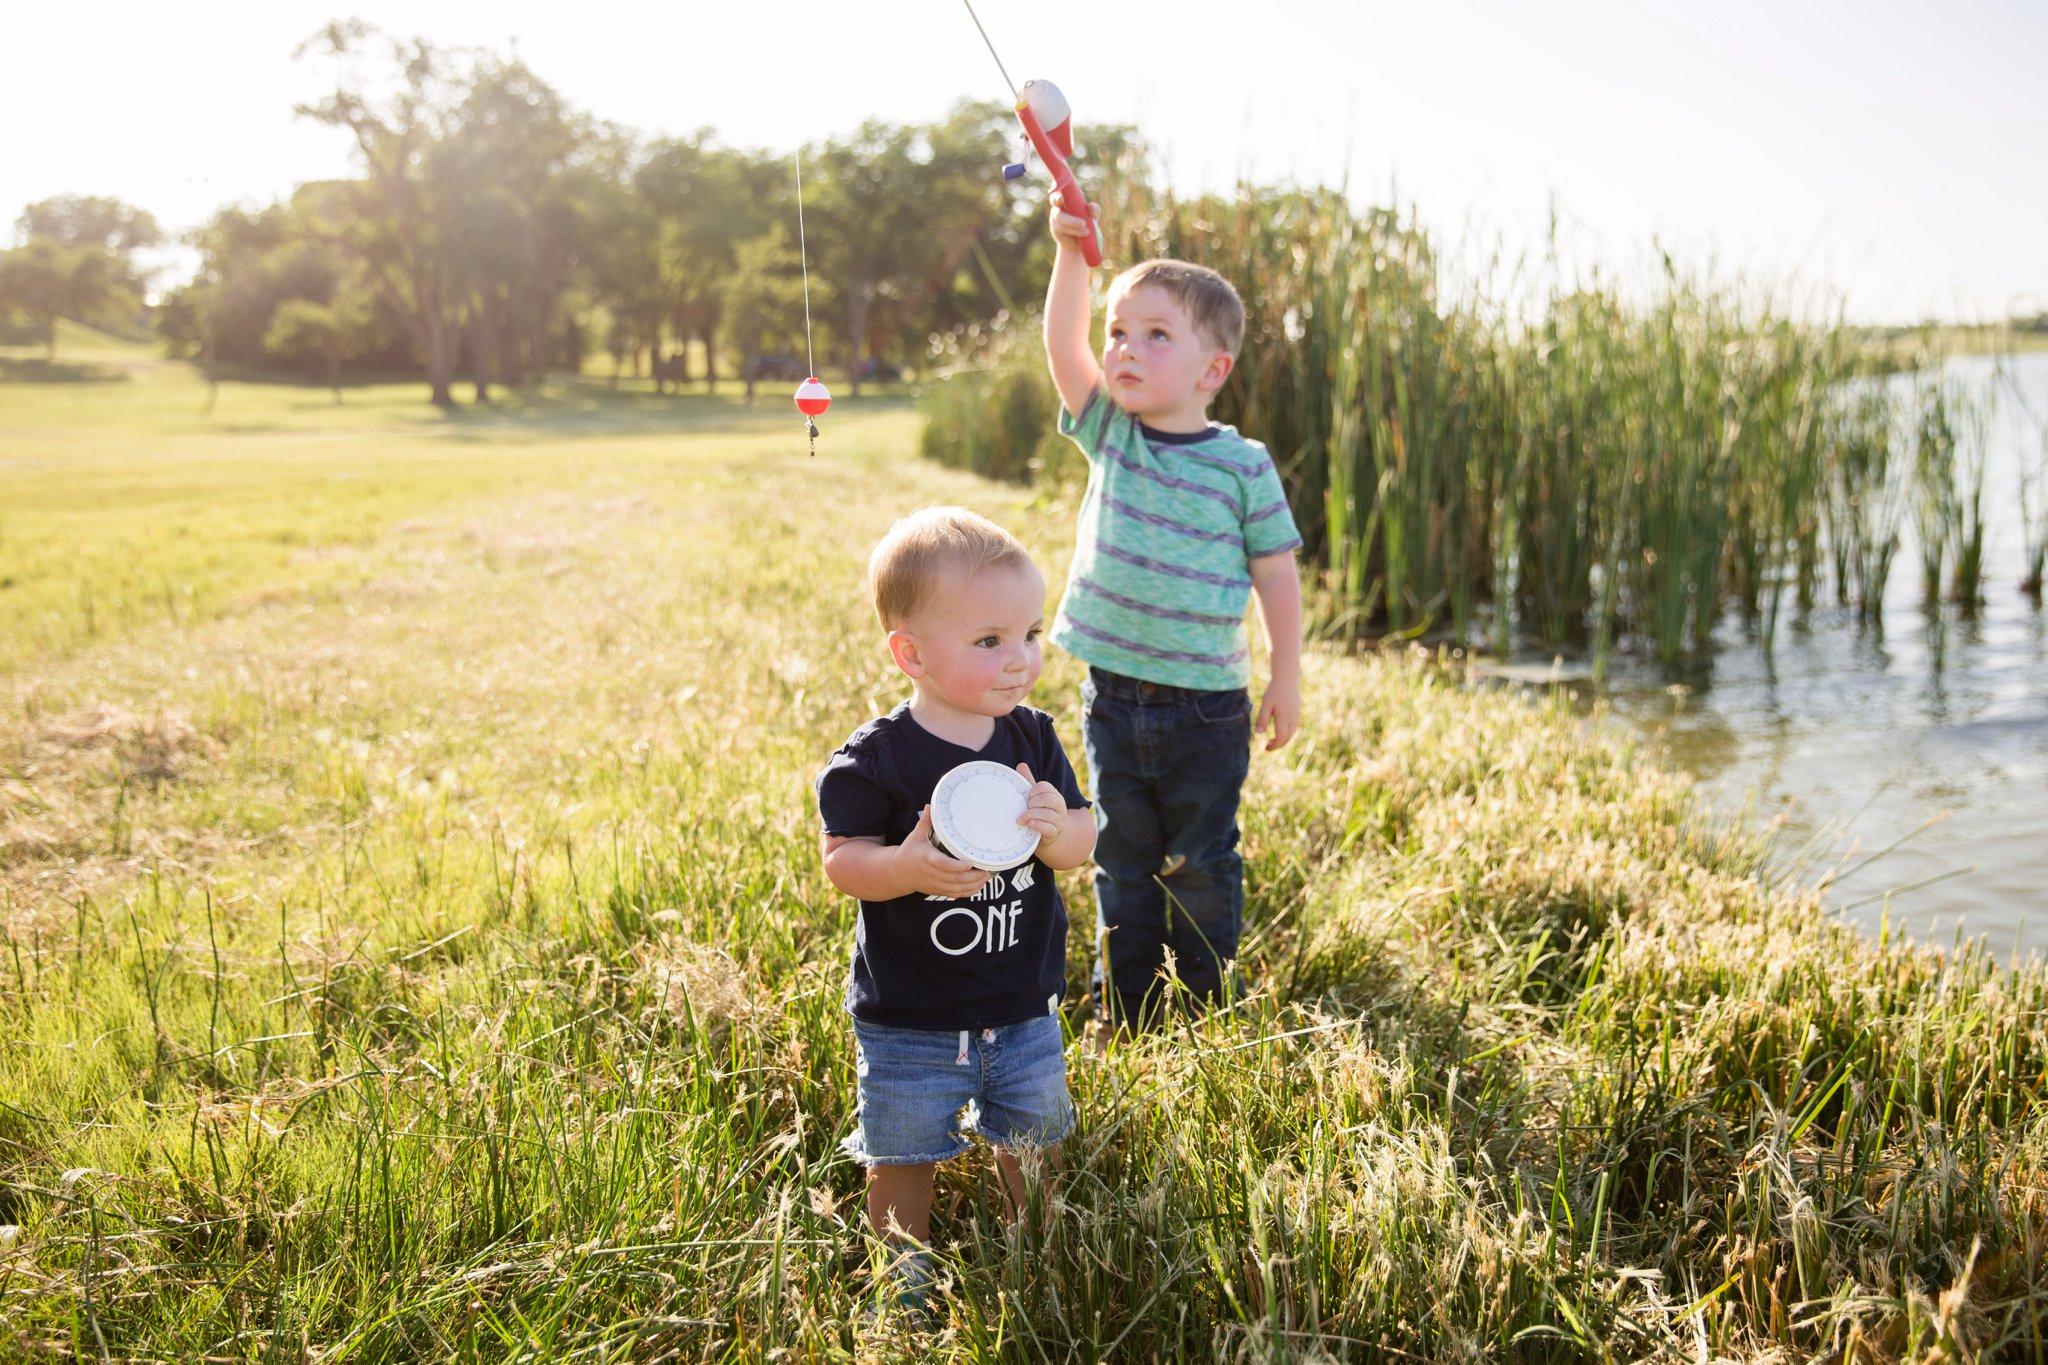 lubbock-family-photographer25.jpg